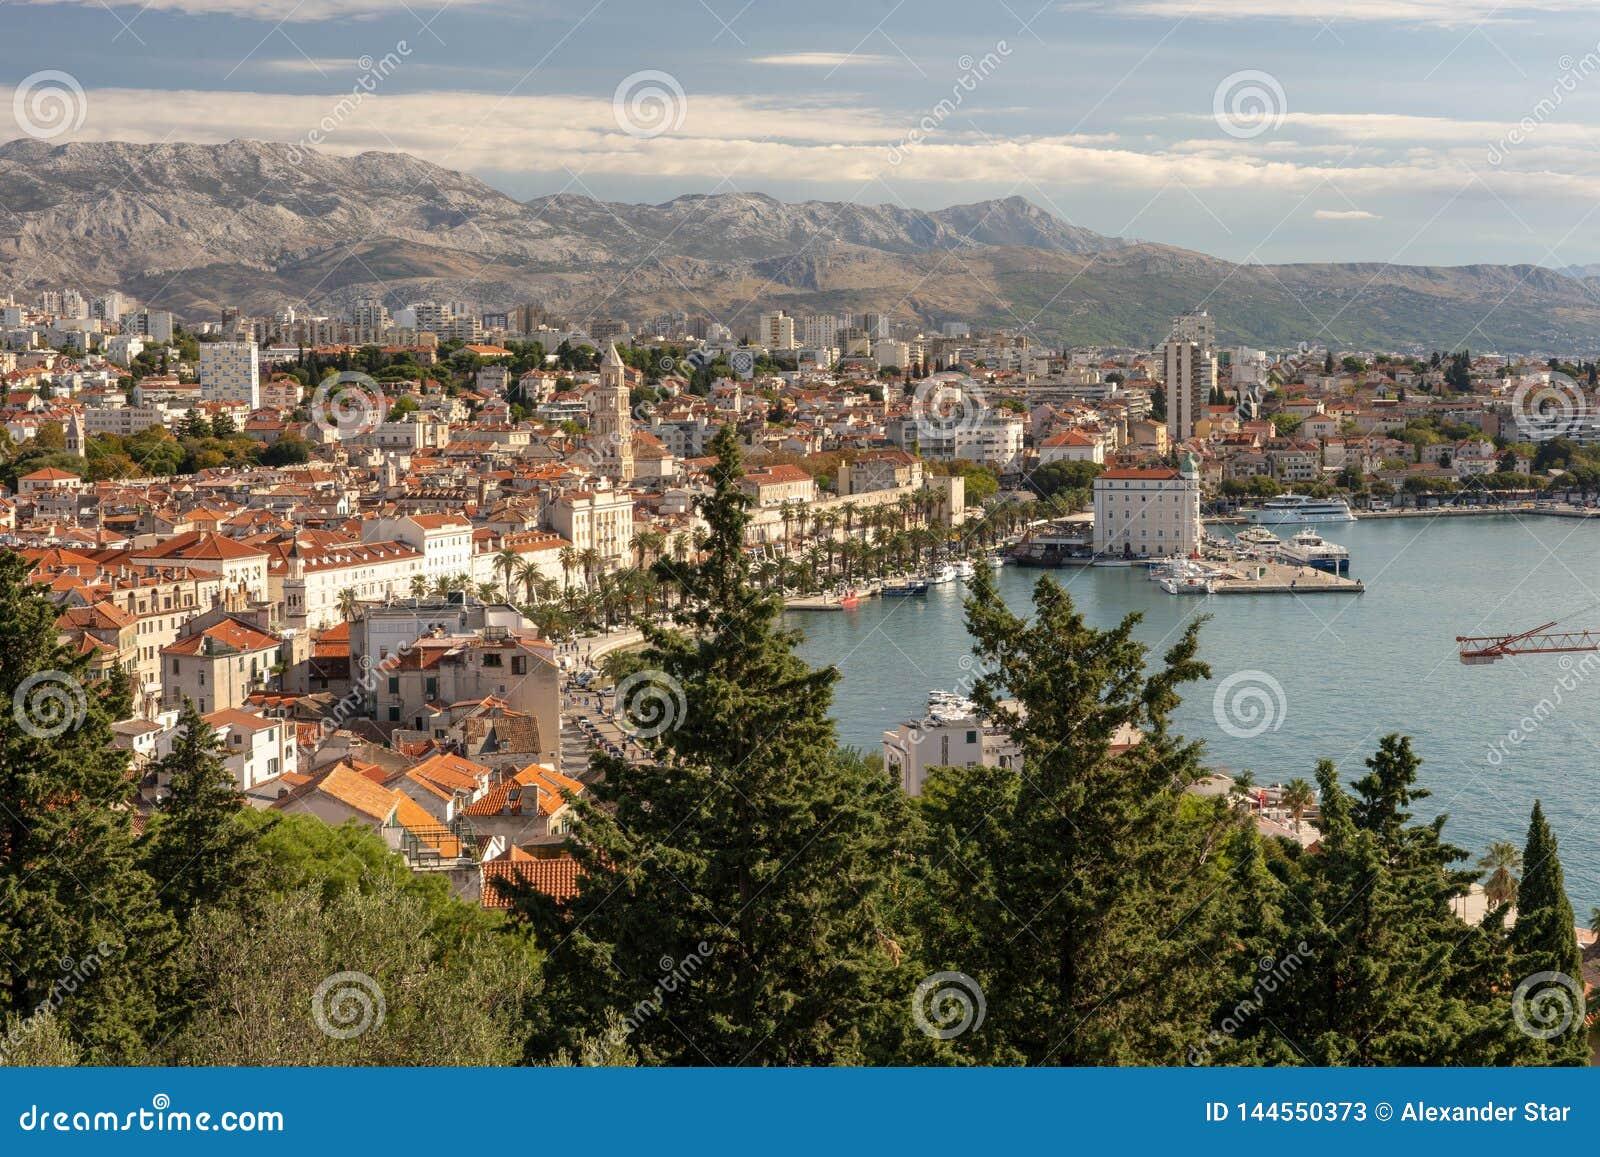 Split Croatia view of the city